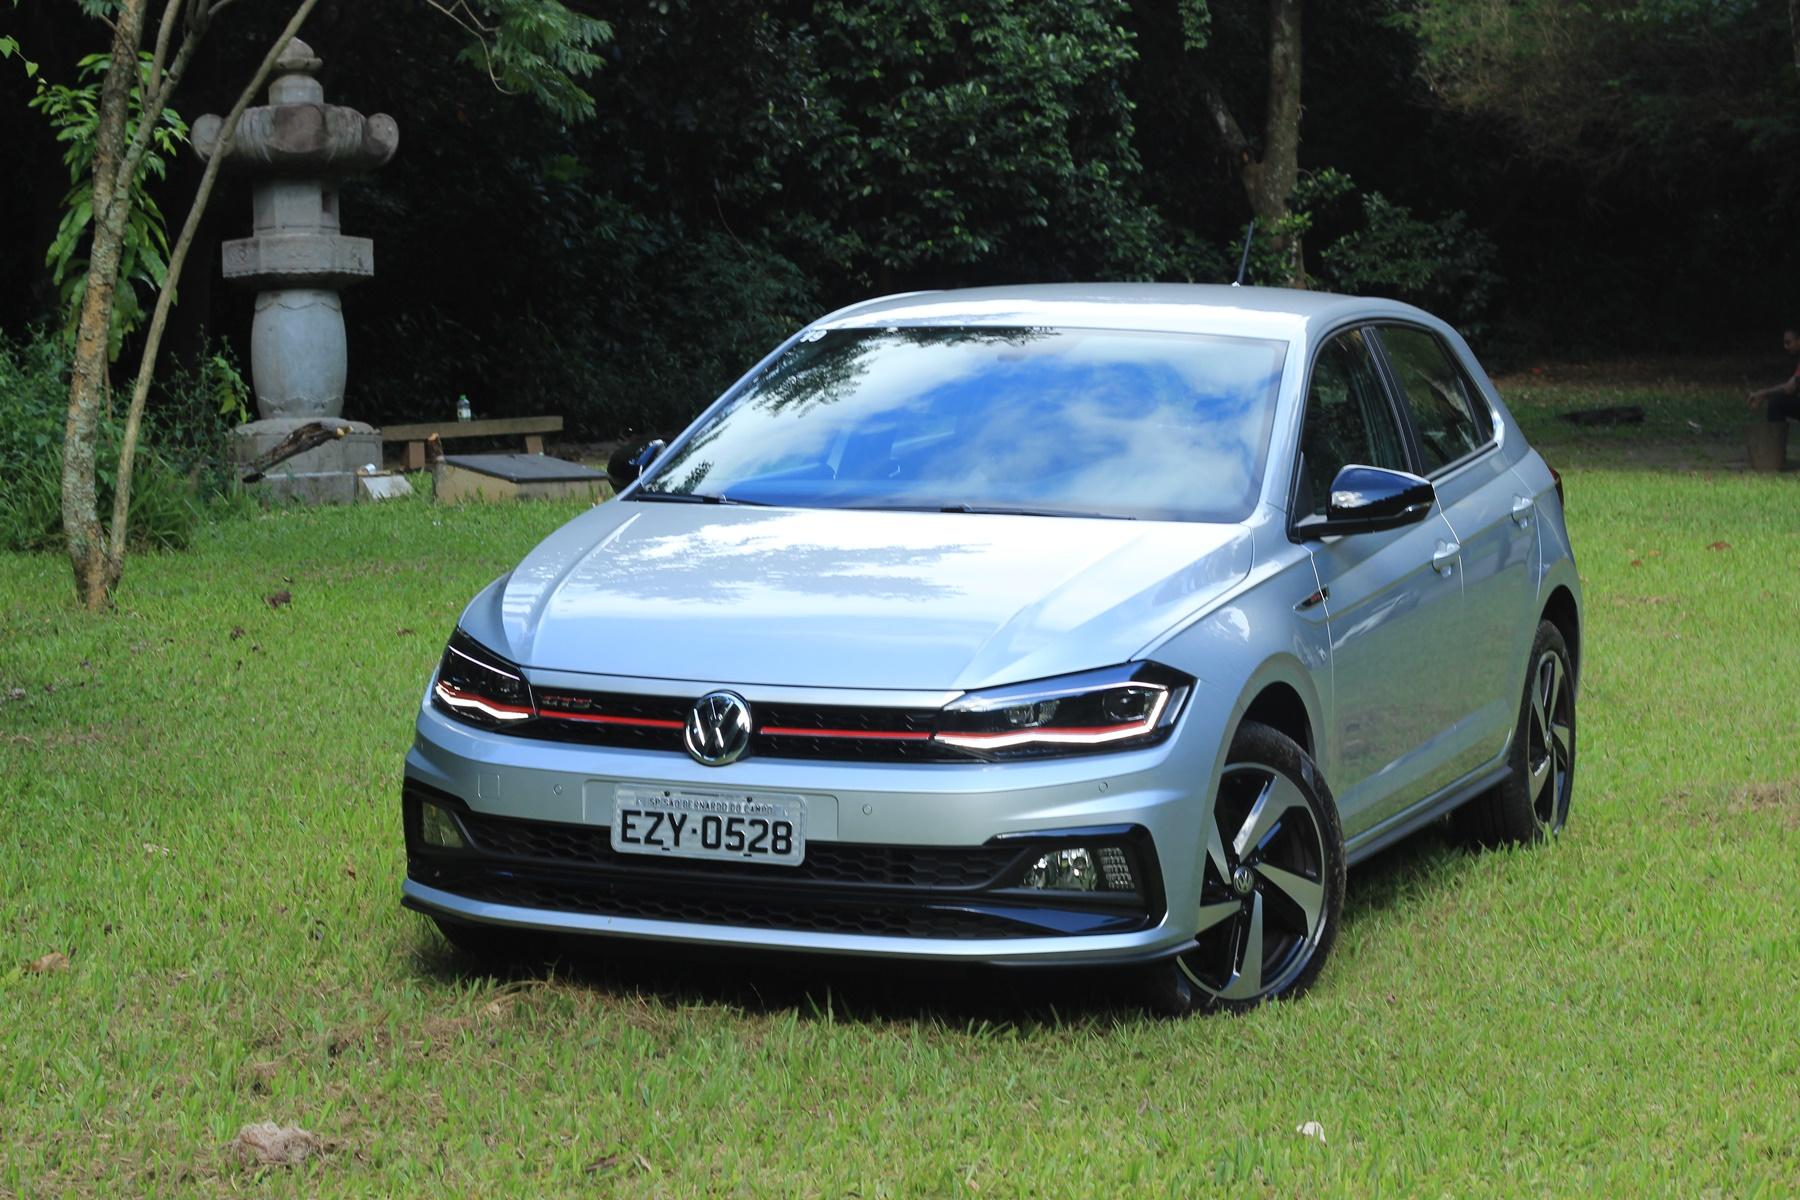 Volkswagen Polo Gts prata de frente em cima de um gramado e com um chafariz ao lado